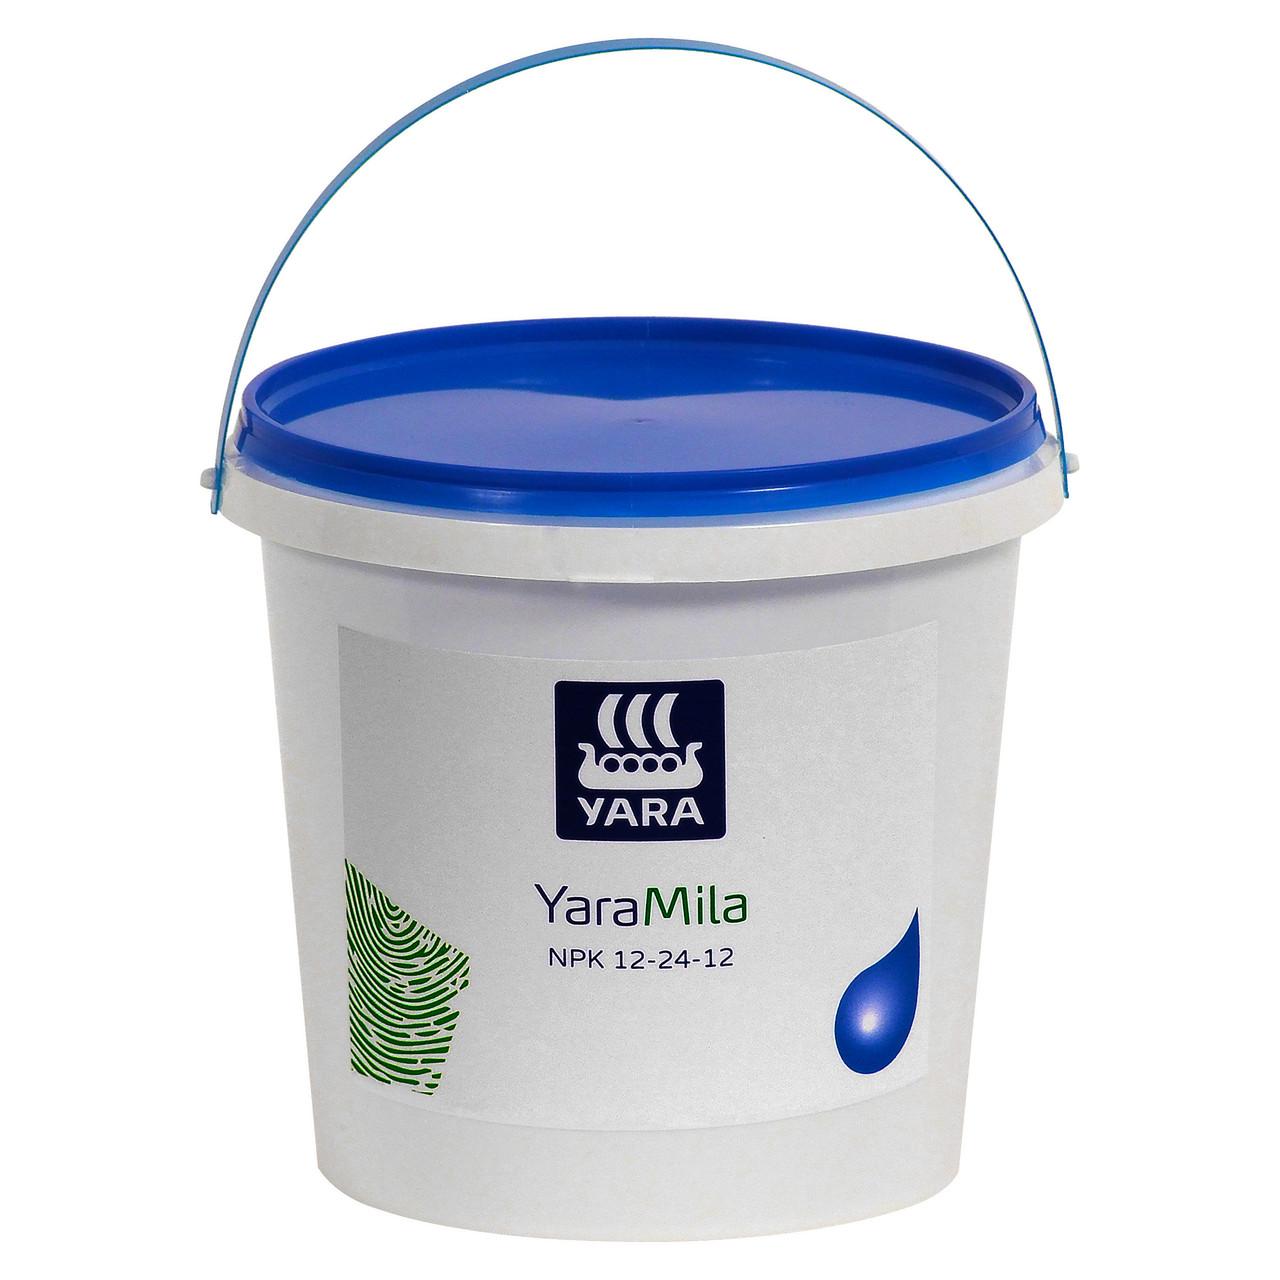 Комплексное удобрение для картофеля, удобрен для овощей, удобрение для капусты YaraMila NPK 12-24-12, (5,0кг)